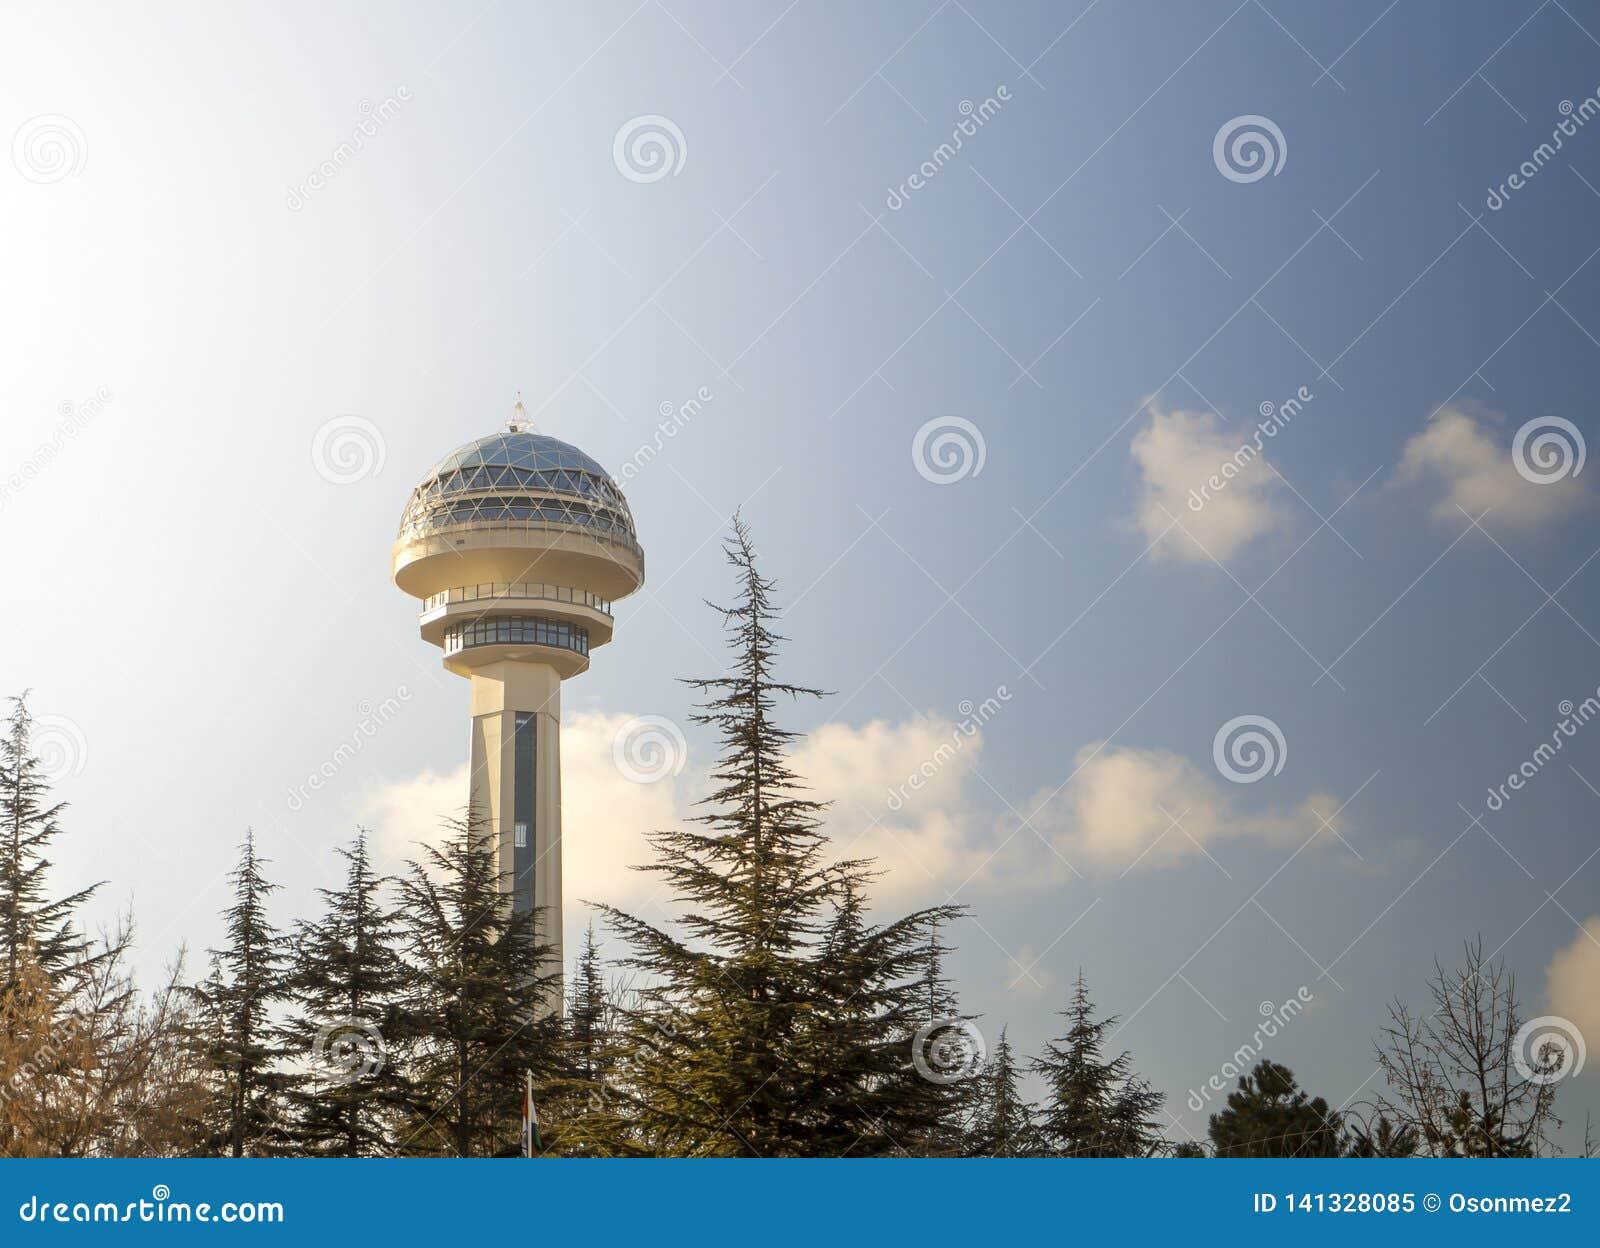 Indyczy Ankara stolicy «atakule «drapacz chmur drapacz chmur zostać symbolem Turcja kapitał